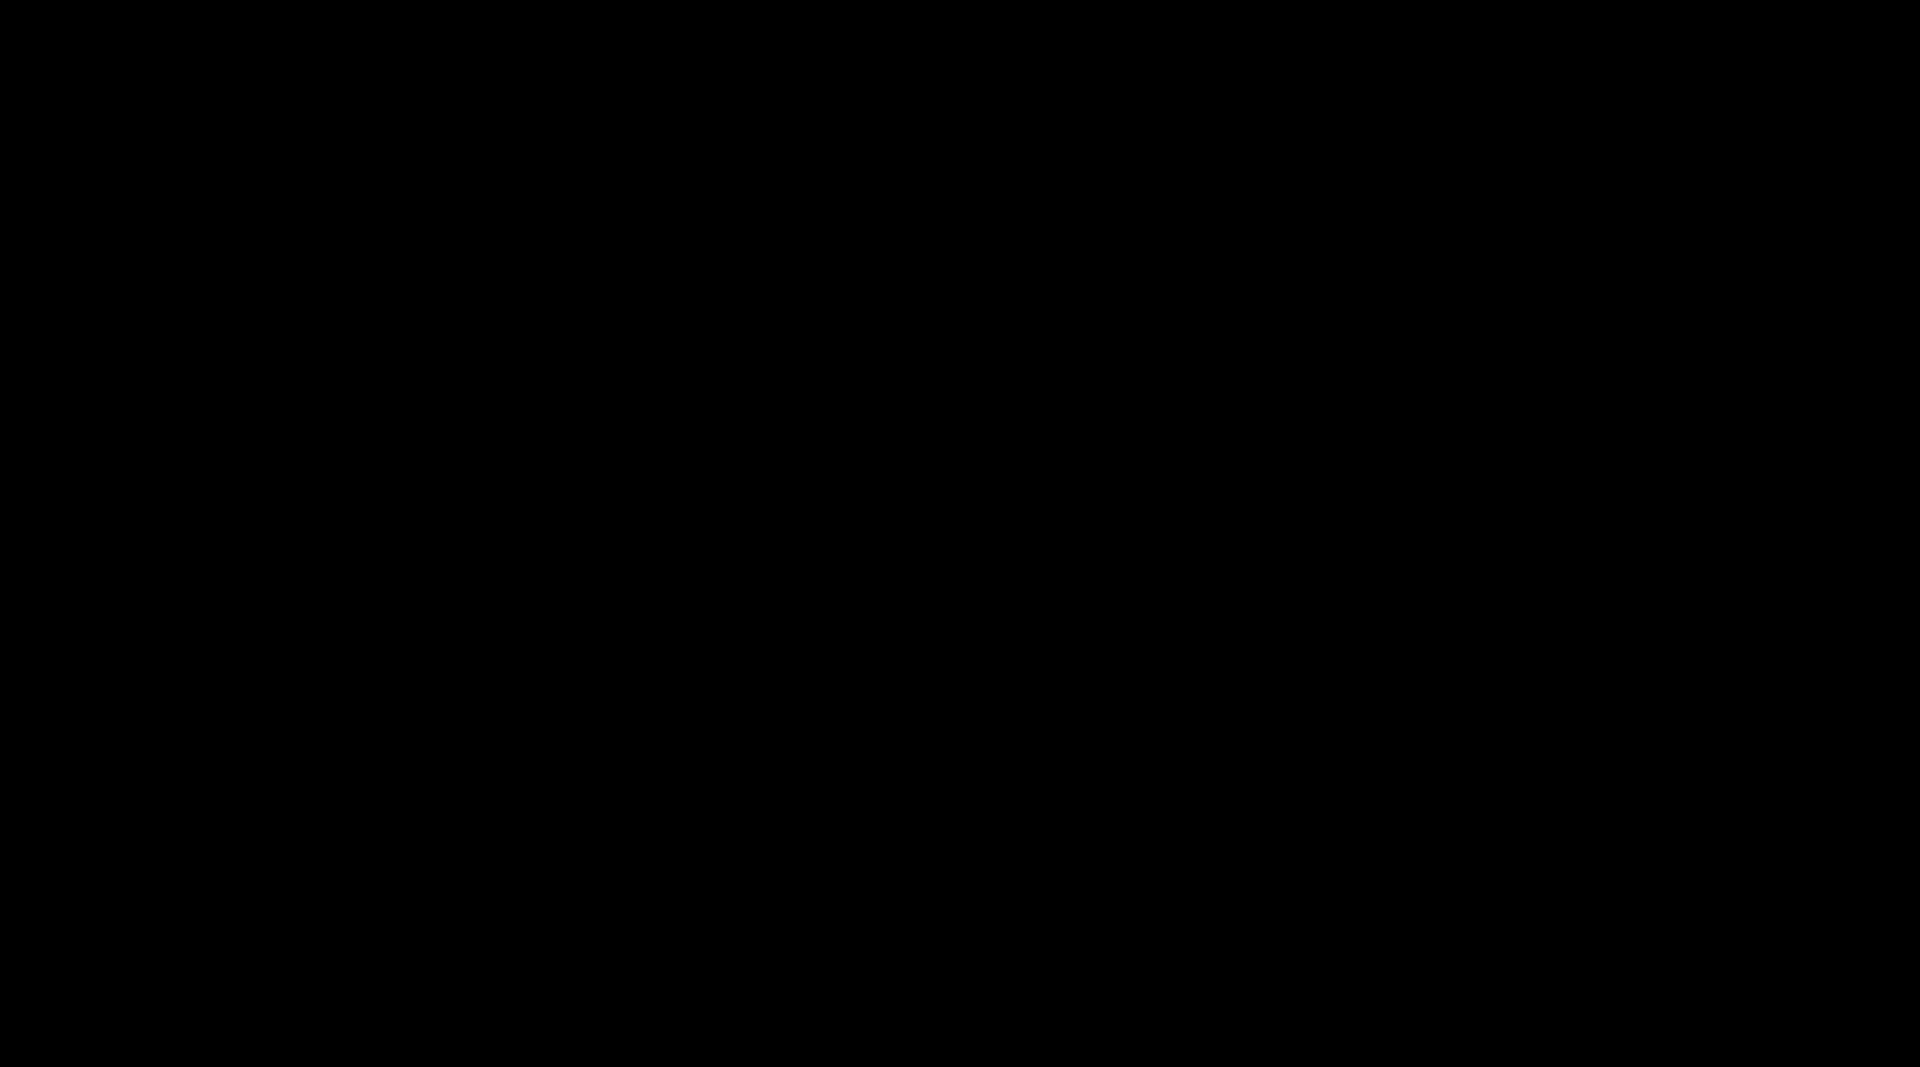 Lestilo